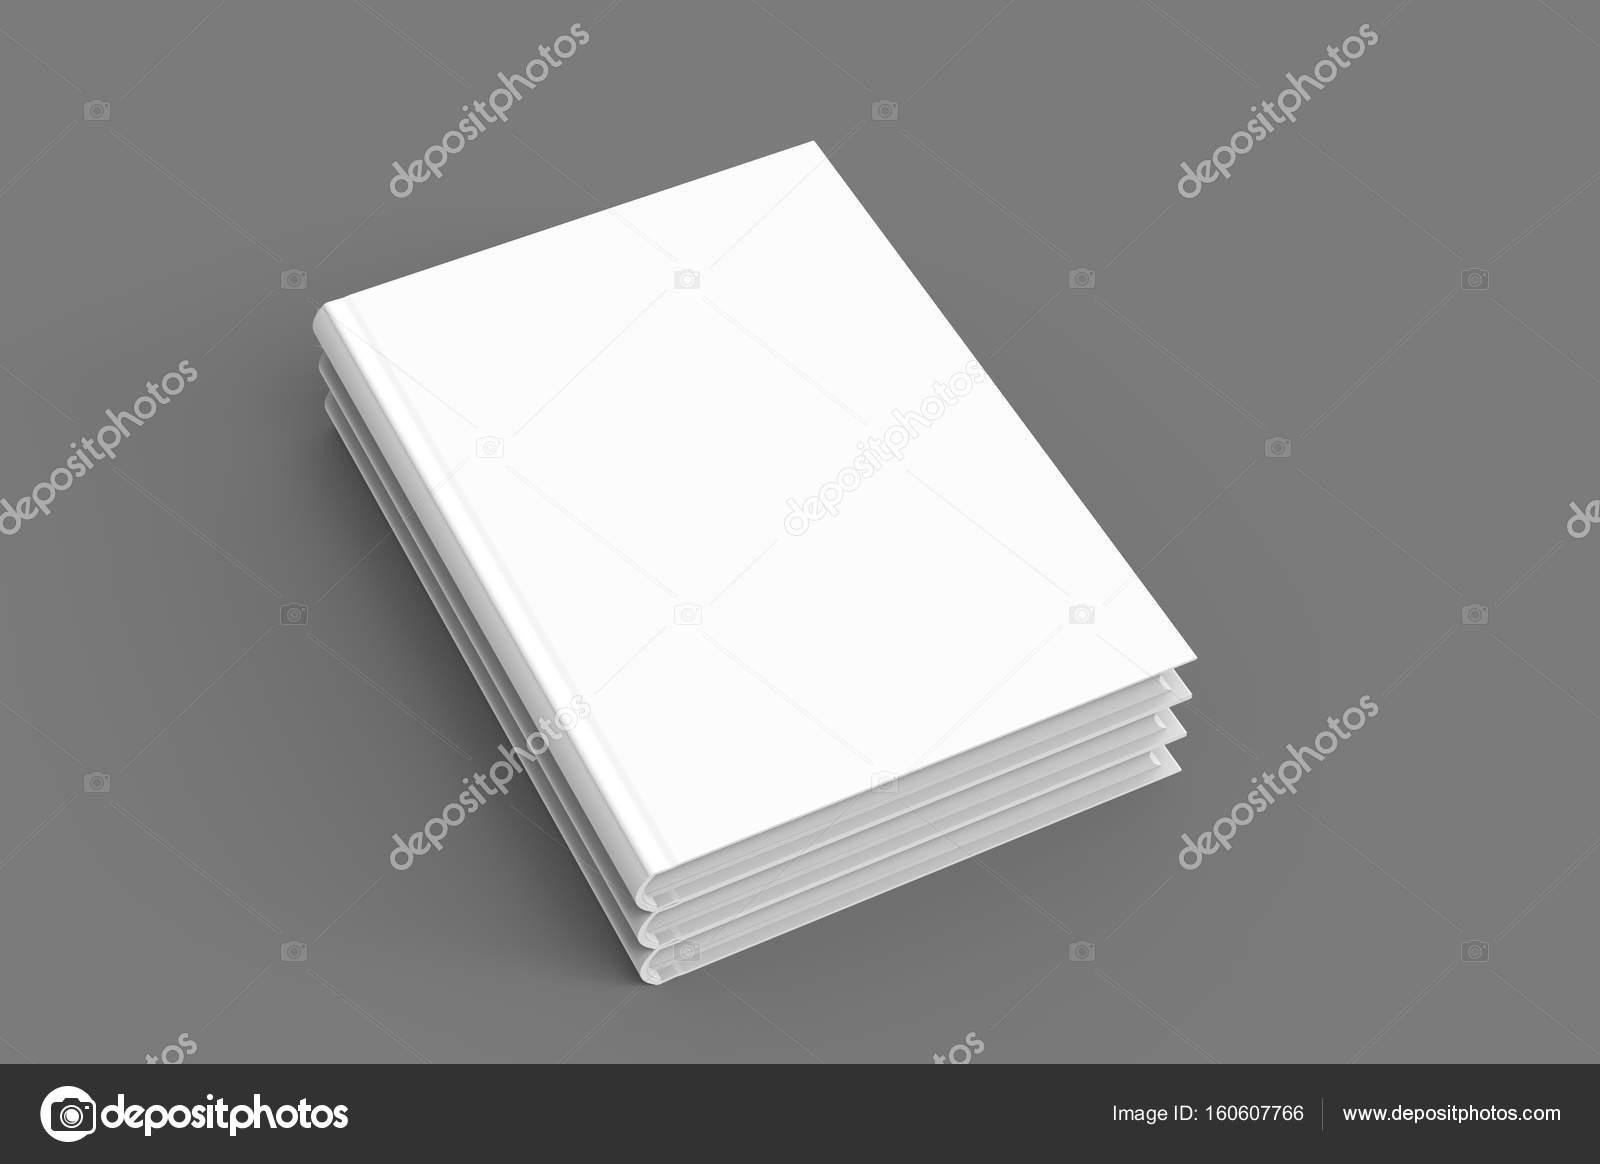 Hardcover-Bücher-Vorlage — Stockfoto © kchungtw #160607766